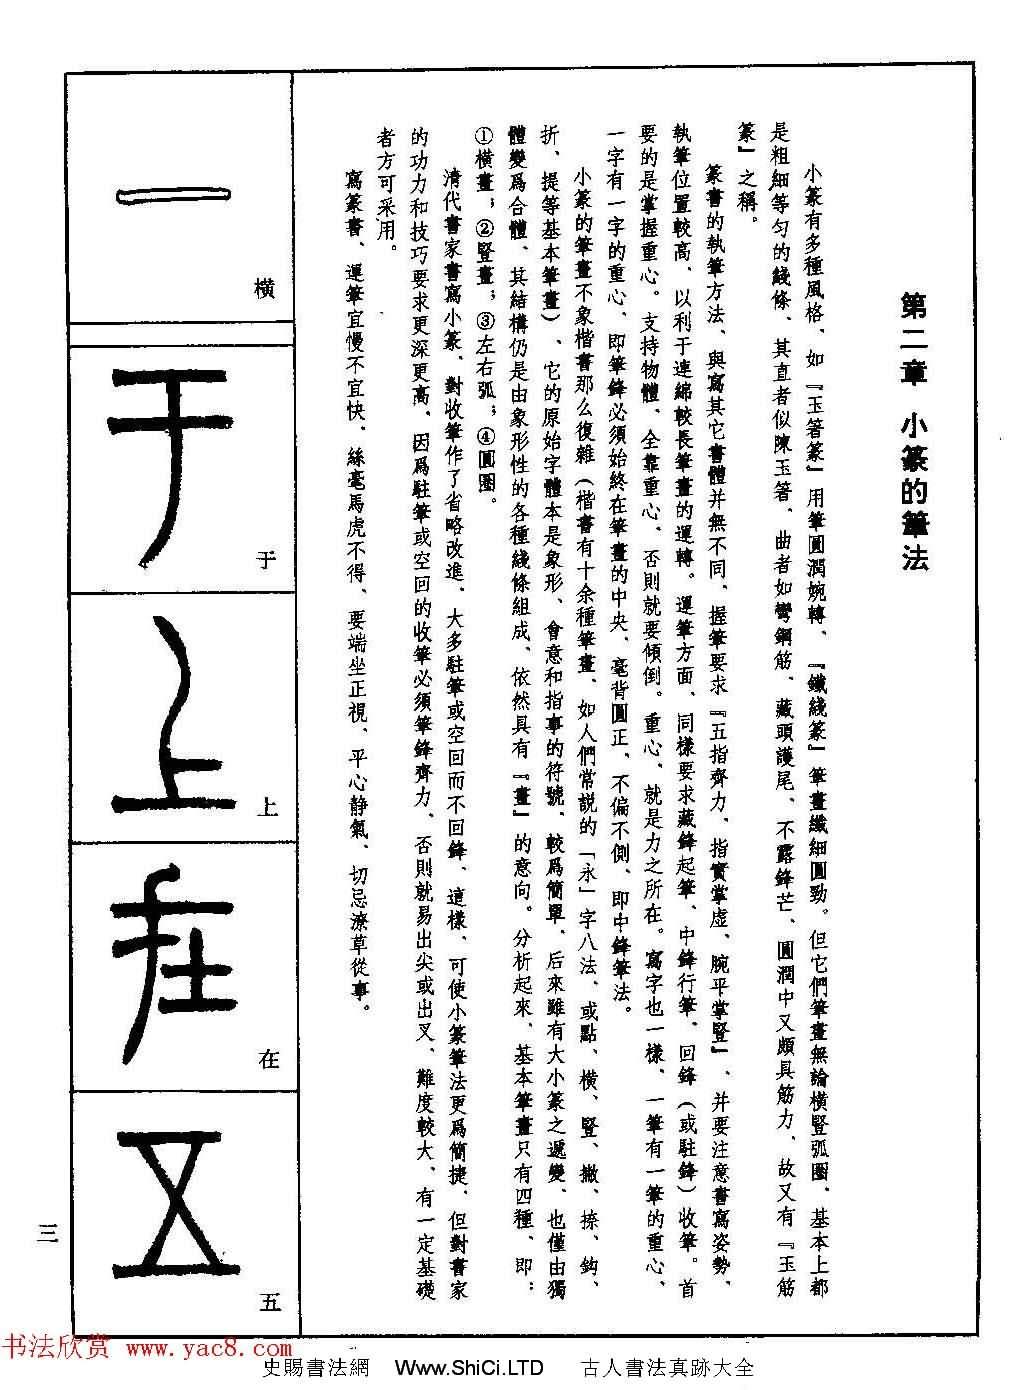 書法技法叢書《小篆基礎入門》